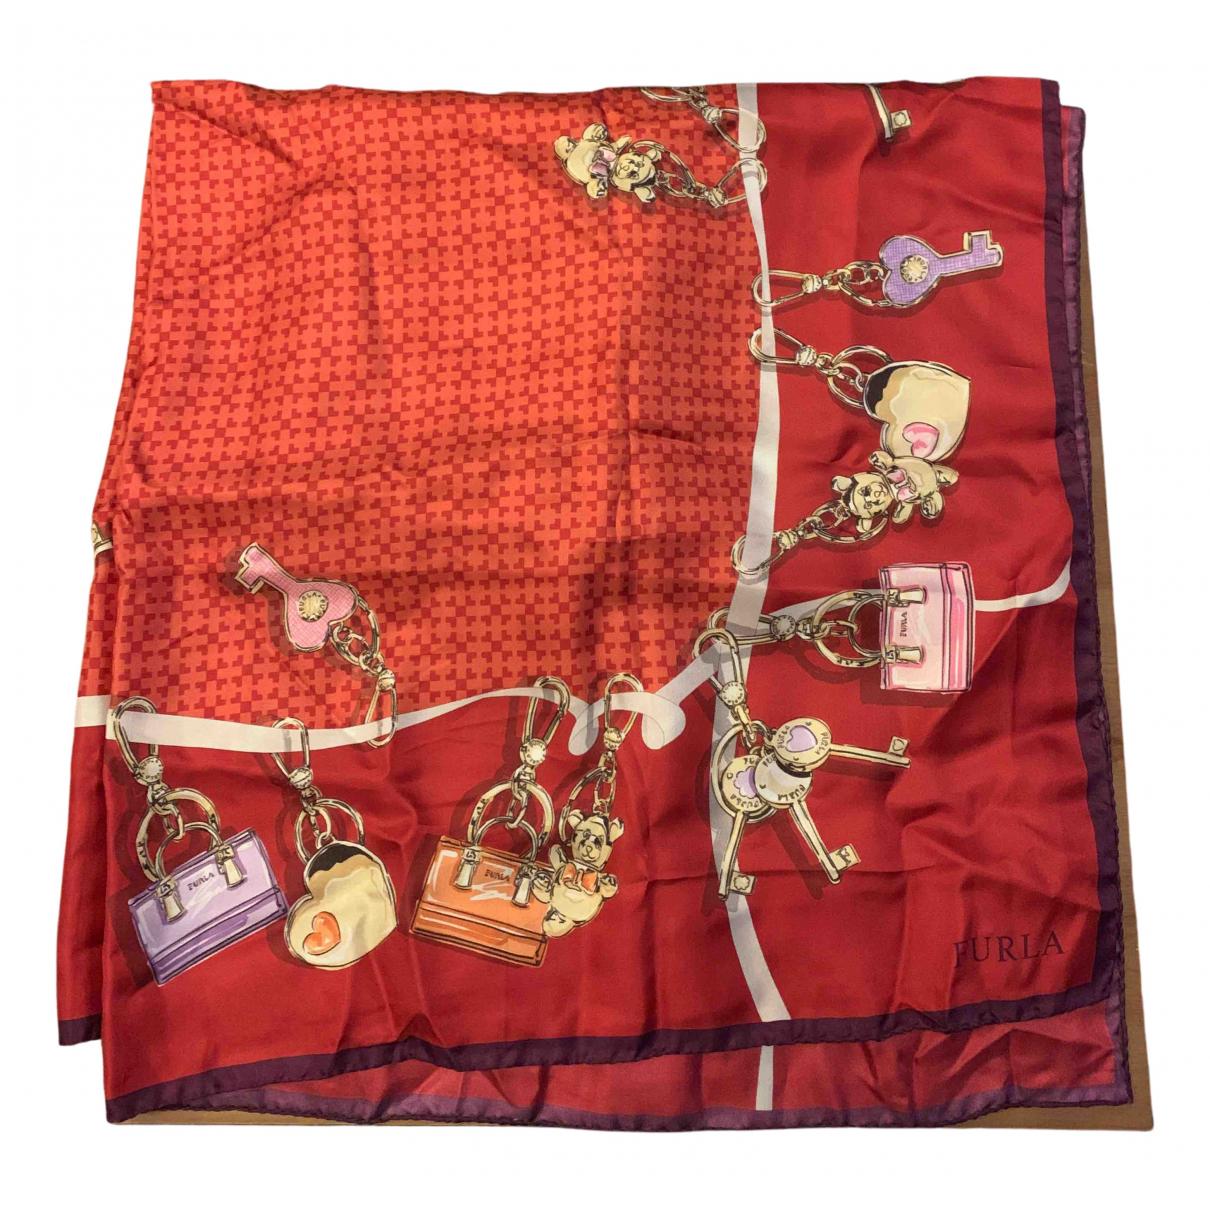 Furla - Foulard   pour femme en soie - rouge